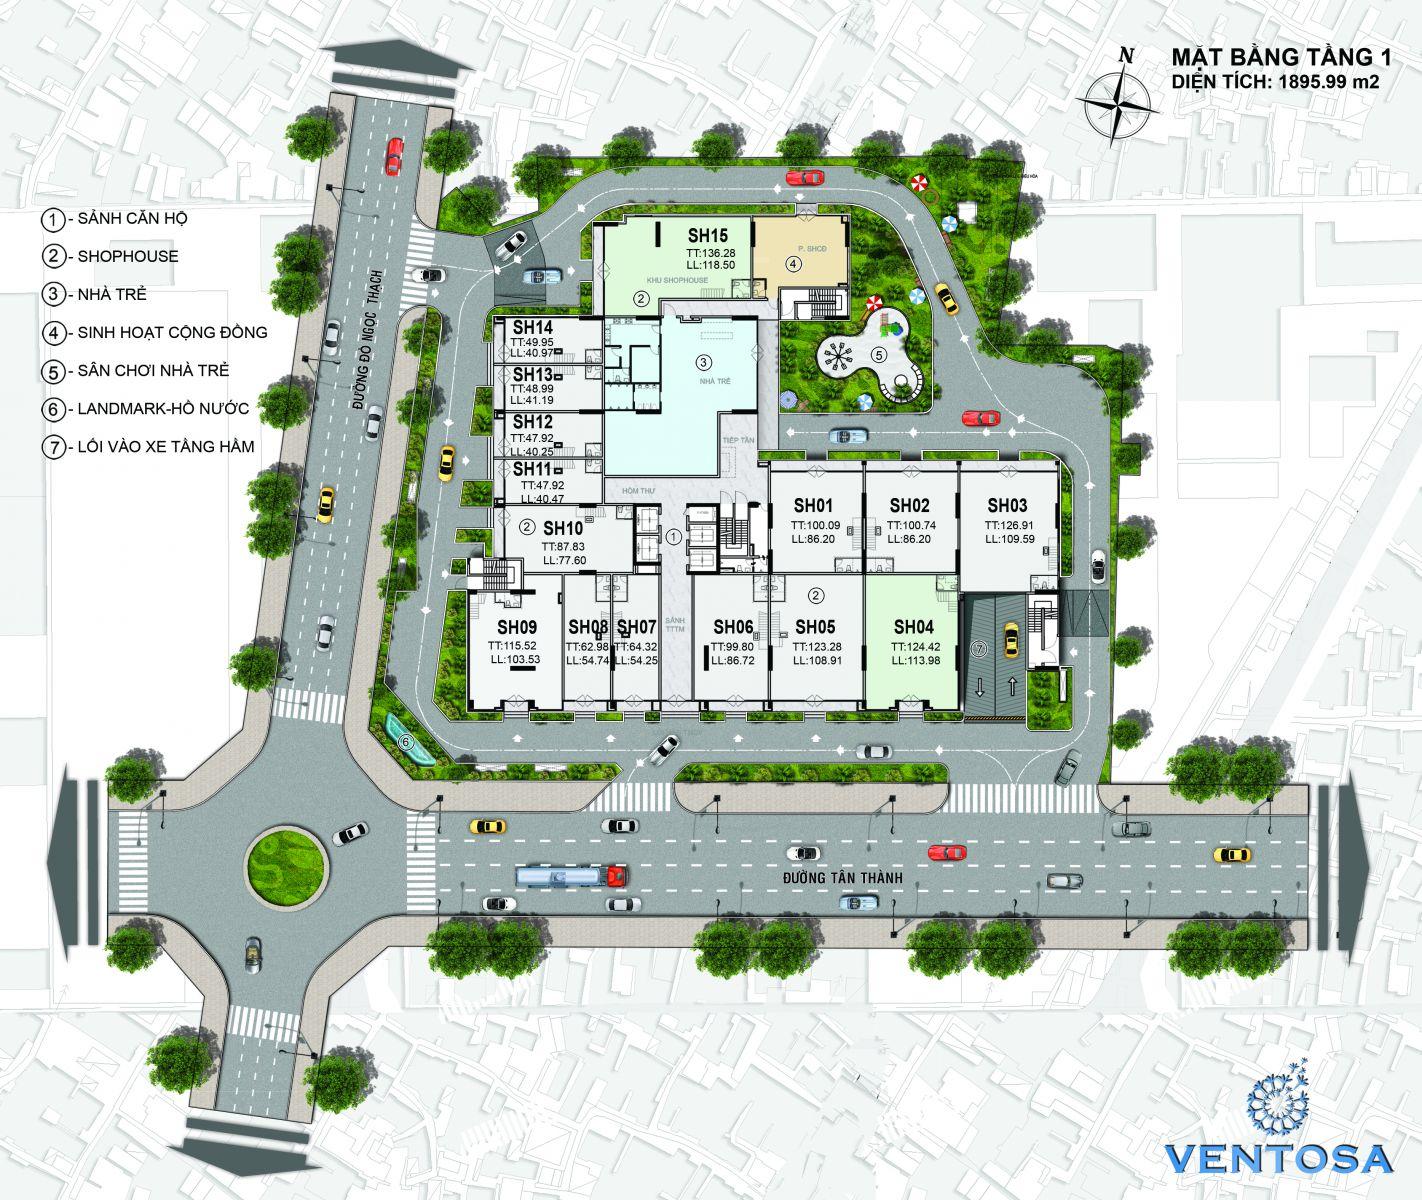 dự án căn hộ cao cấp Ventosa Tân Thành